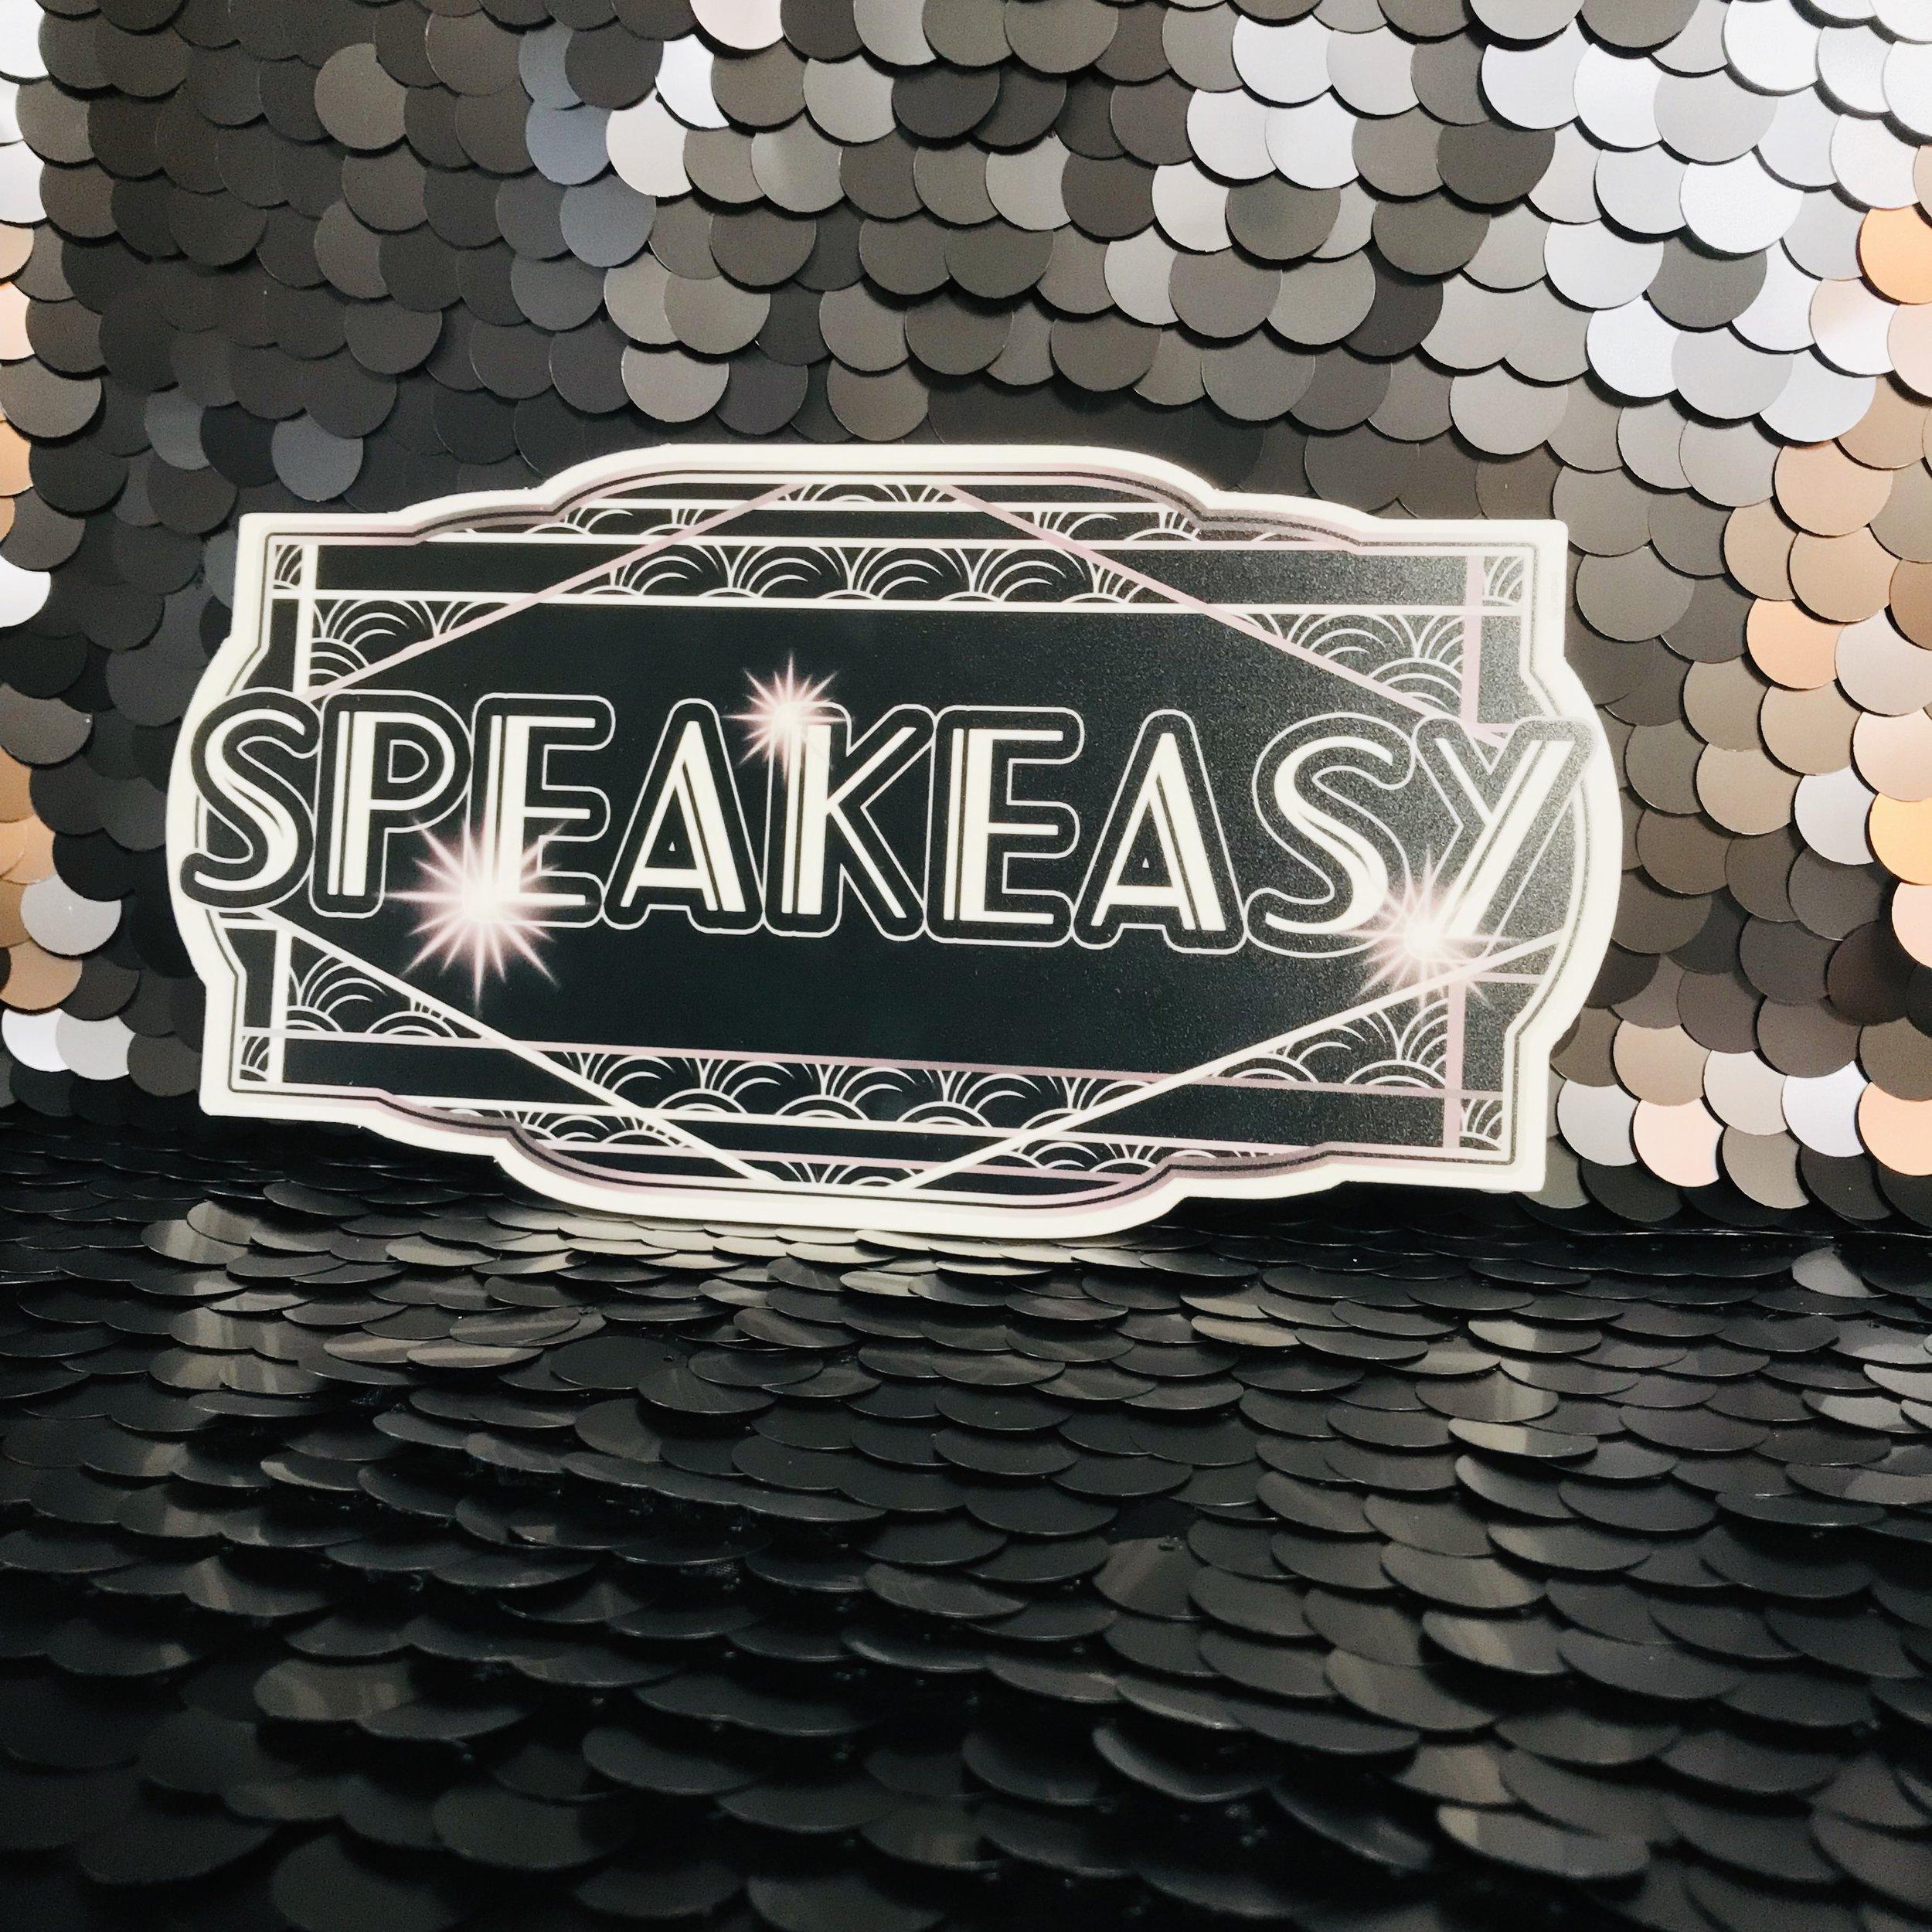 Speakeasy.jpg